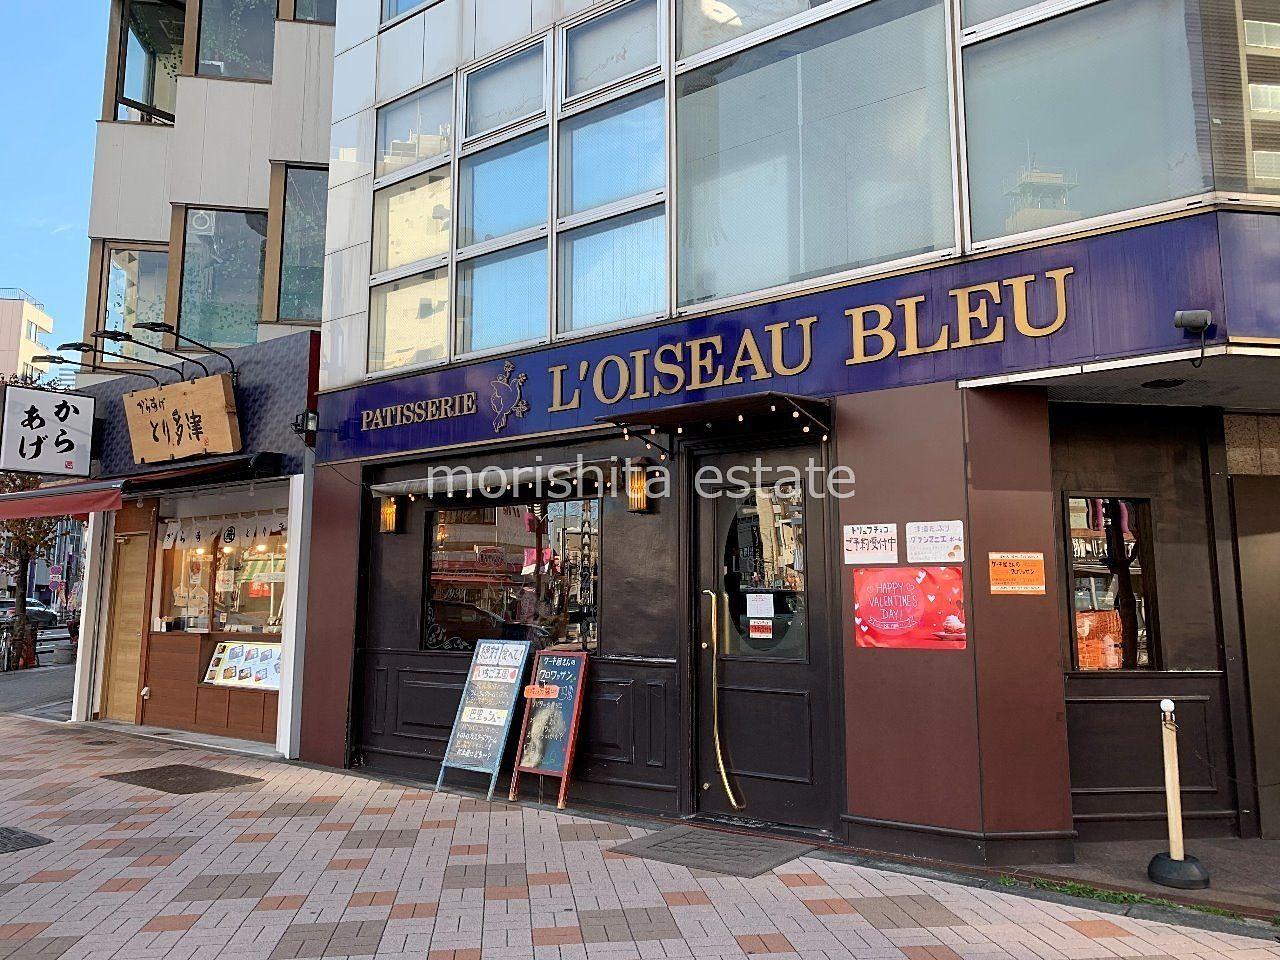 森下 洋菓子 L'OISEAU BLEU からあげ とり多津 外観写真